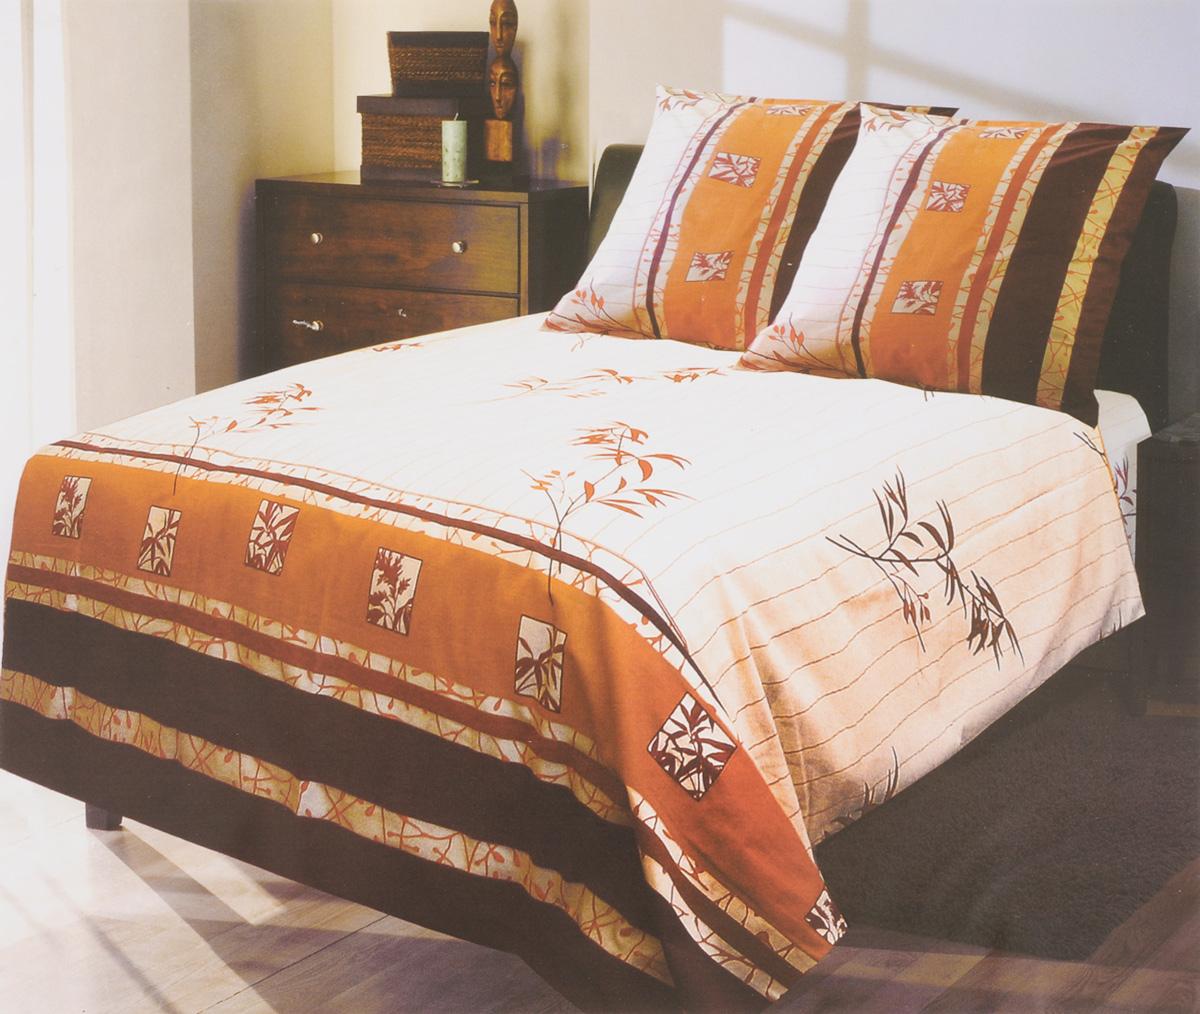 Комплект белья Катюша Ветка, 2-спальный, наволочки 50х70, цвет: молочный, оранжевый, бордовыйC-265/3882Комплект постельного белья Катюша Ветка является экологически безопасным для всей семьи, так как выполнен из бязи (100% хлопок). Комплект состоит из пододеяльника, простыни и двух наволочек. Постельное белье оформлено оригинальным рисунком и имеет изысканный внешний вид. Бязь - это ткань полотняного переплетения, изготовленная из экологически чистого и натурального 100% хлопка. Она прочная, мягкая, обладает низкой сминаемостью, легко стирается и хорошо гладится. Бязь прекрасно пропускает воздух и за ней легко ухаживать. При соблюдении рекомендуемых условий стирки, сушки и глажения ткань имеет усадку по ГОСТу, сохранятся яркость текстильных рисунков. Приобретая комплект постельного белья Катюша Ветка, вы можете быть уверенны в том, что покупка доставит вам и вашим близким удовольствие и подарит максимальный комфорт.